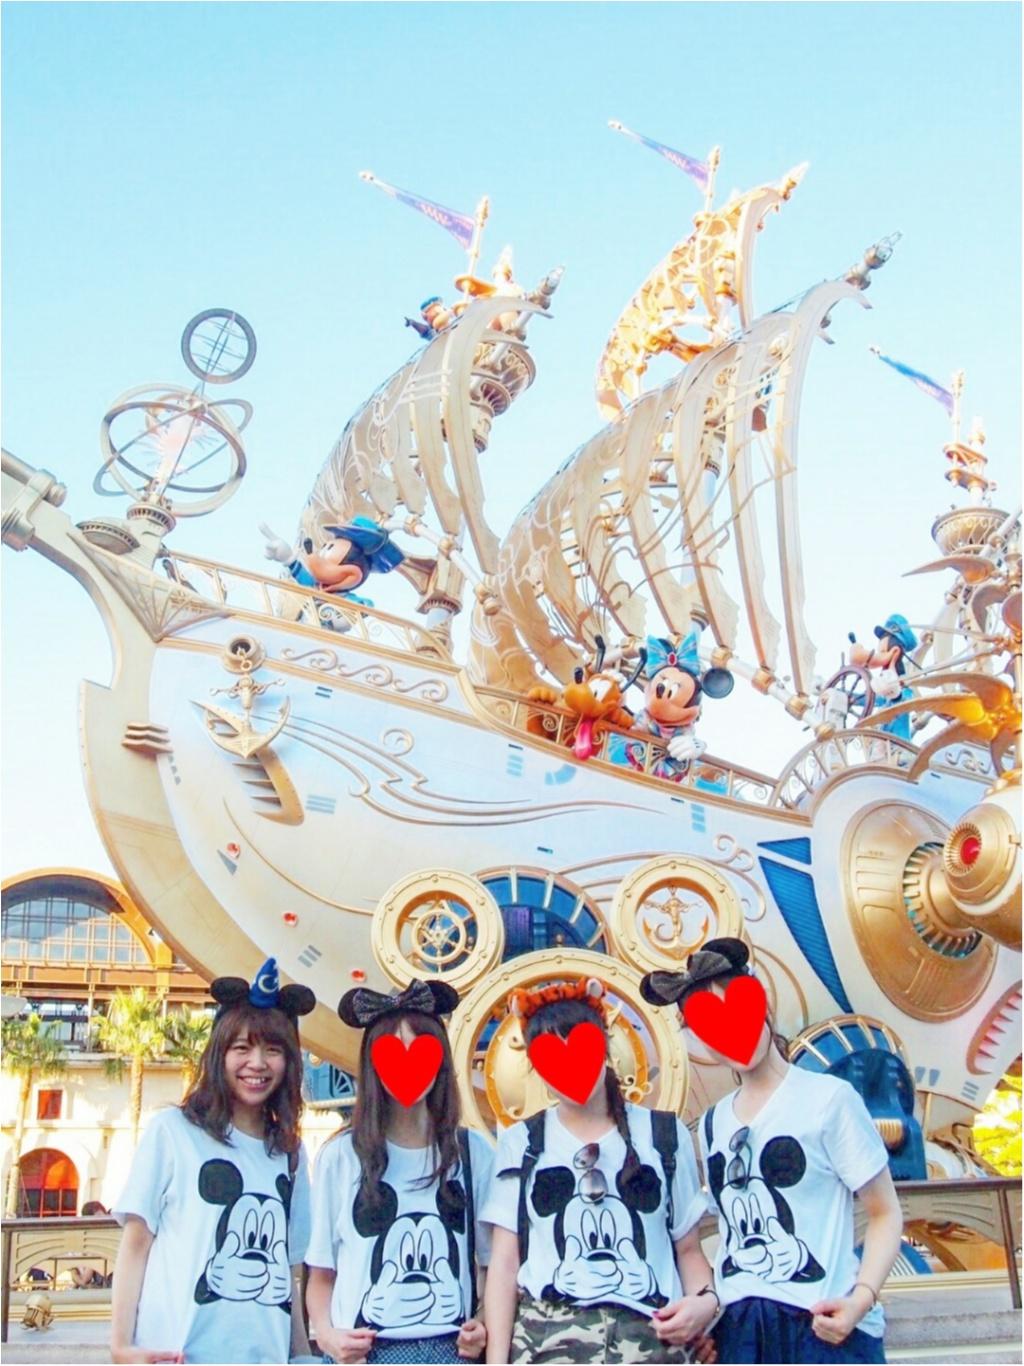 """【おでかけ】暑い『夏』こそ、"""" 夏ディズニー """" !!! 「ディズニー・サマーフェスティバル」に参加して、夏を満喫しよう!_8"""